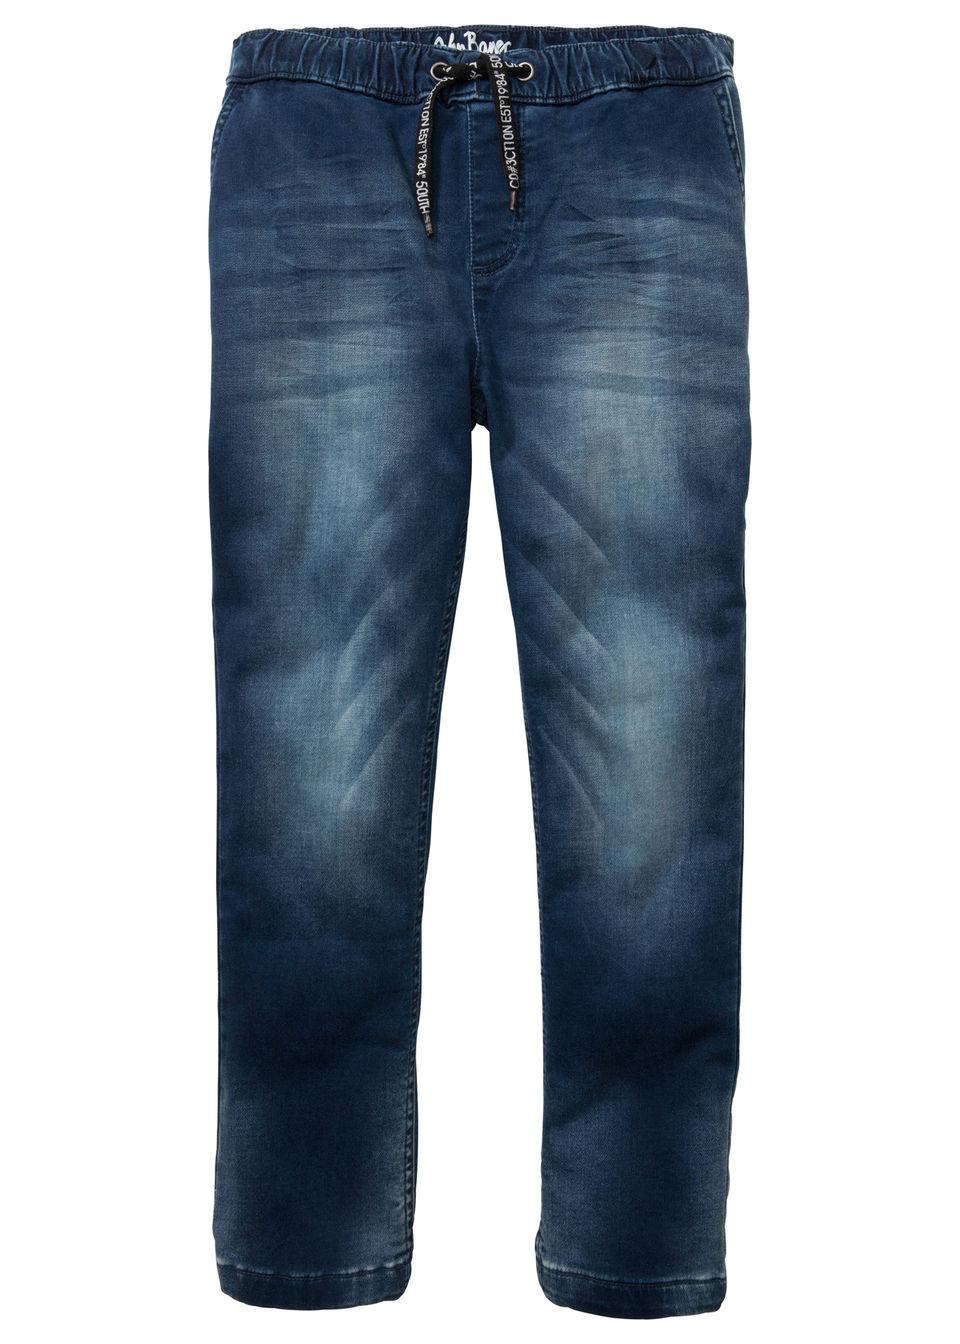 Джинсовые брюки для мальчика от bonprix